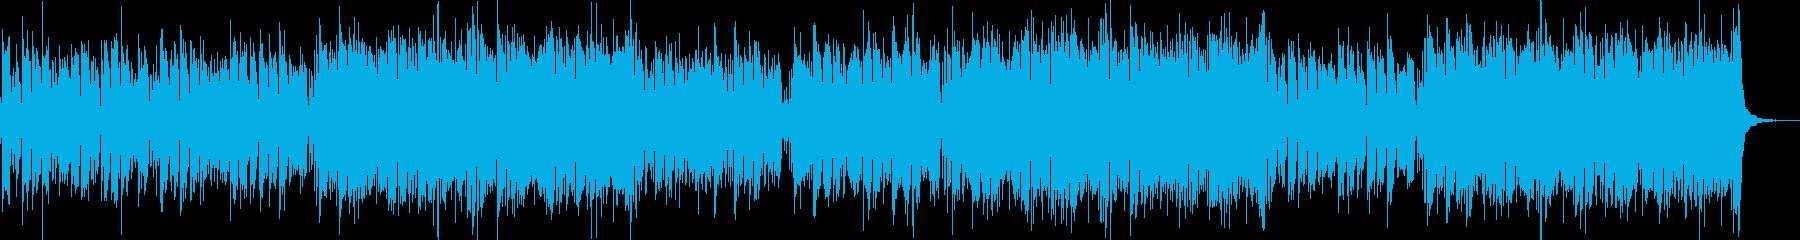 明るく陽気な民族風音楽/BGMの再生済みの波形